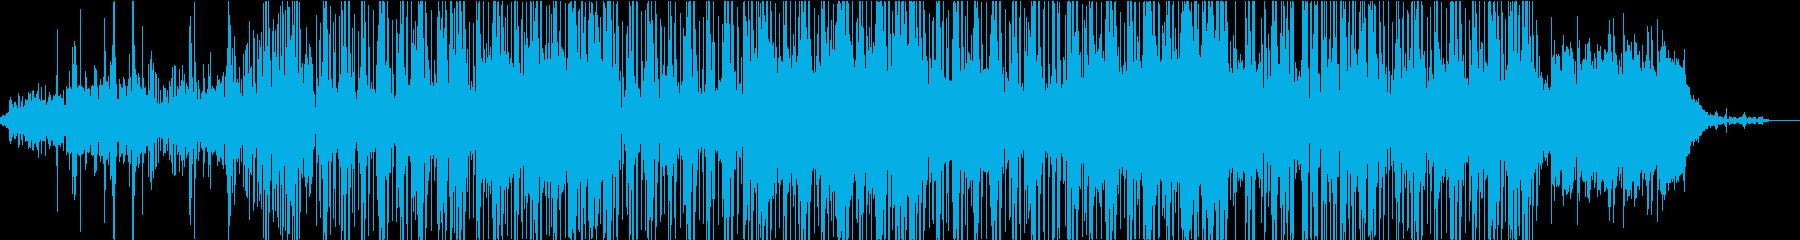 ソウルでファッションな曲の再生済みの波形